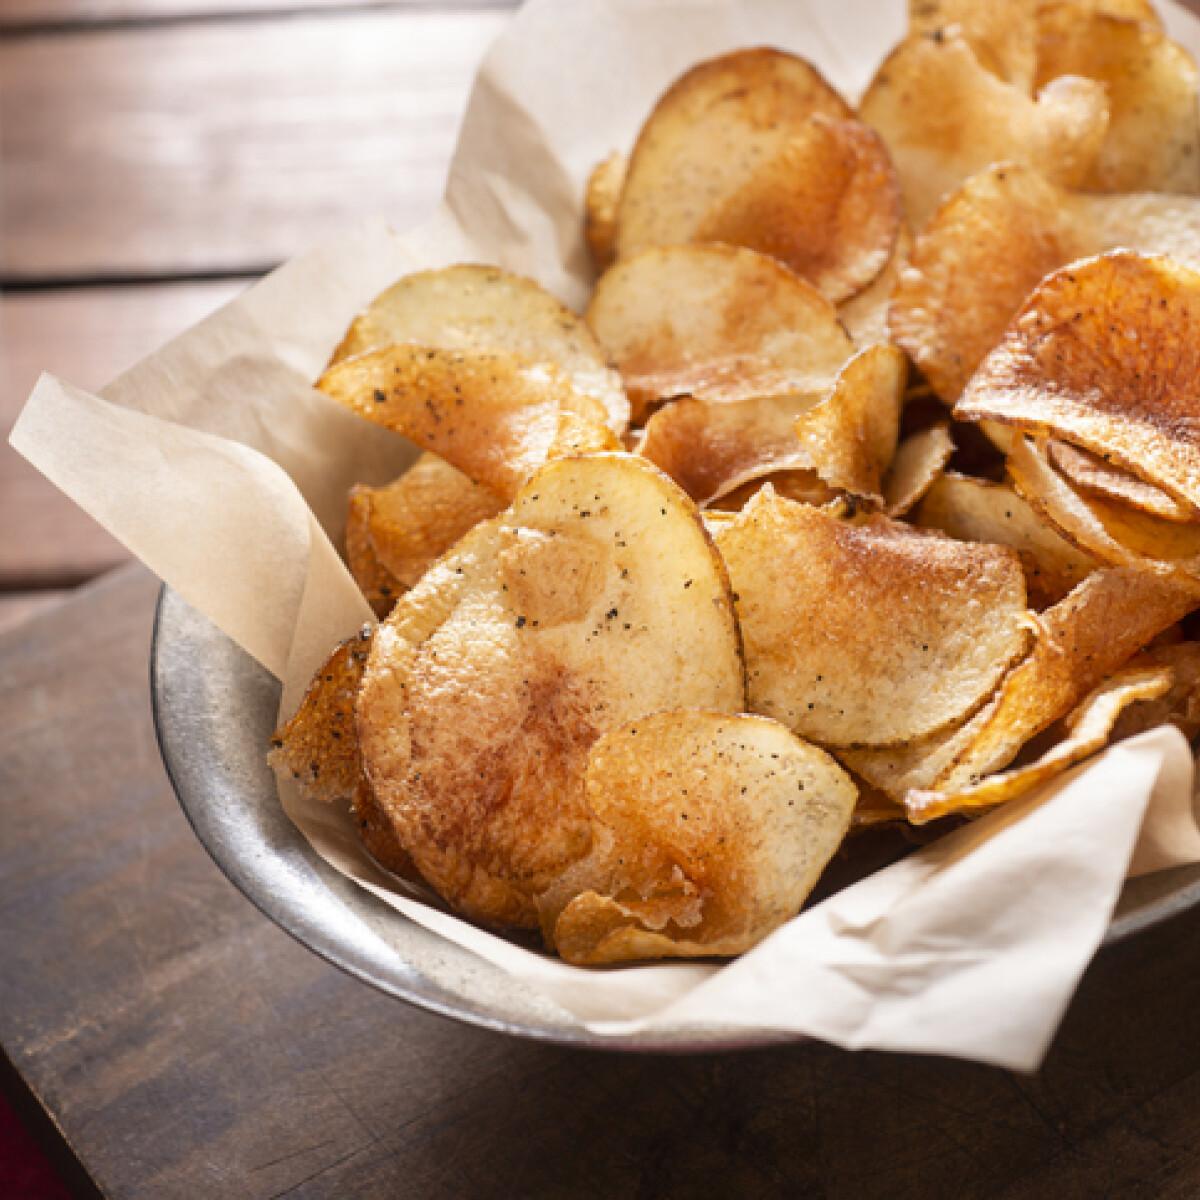 Elérkezett a mikrós chips ideje, és könnyebben elkészítheted, mint azt gondolnád